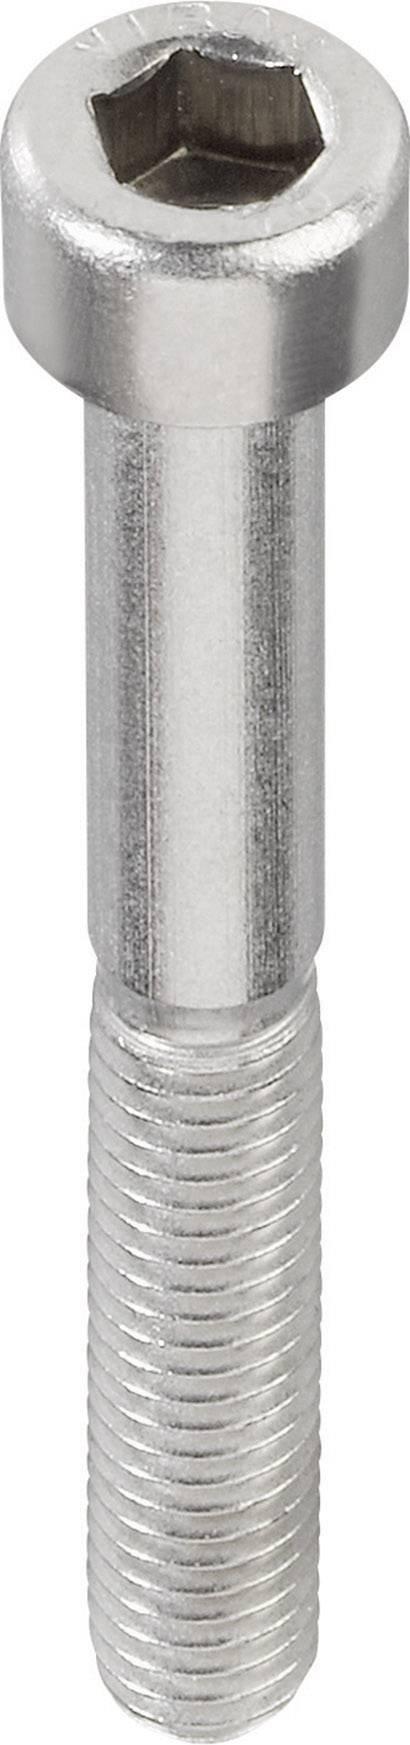 Šroub s válcovou hlavou TOOLCRAFT, s vnitřním šestihranem, M2,5, 12 mm, nerez, 20 ks